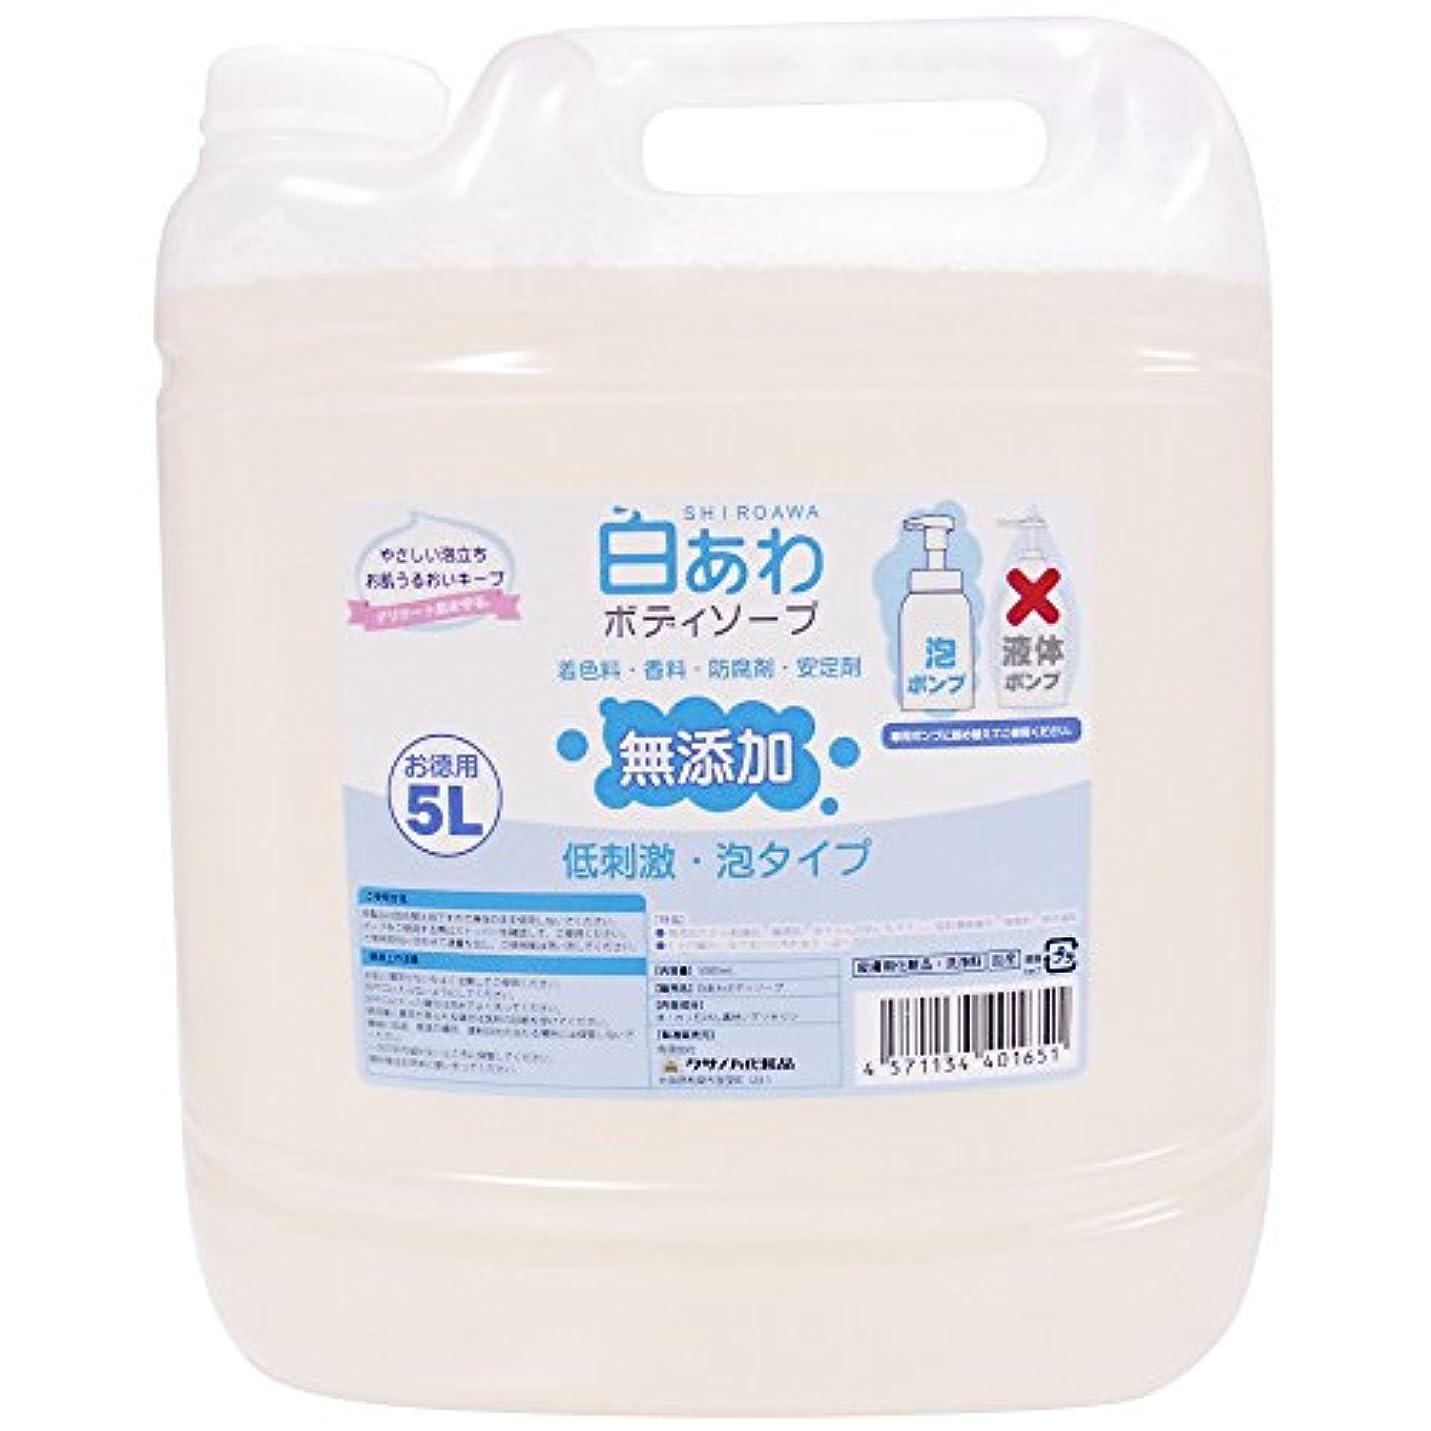 該当する学習法律により【無添加】白あわボディソープ 詰替用 5L